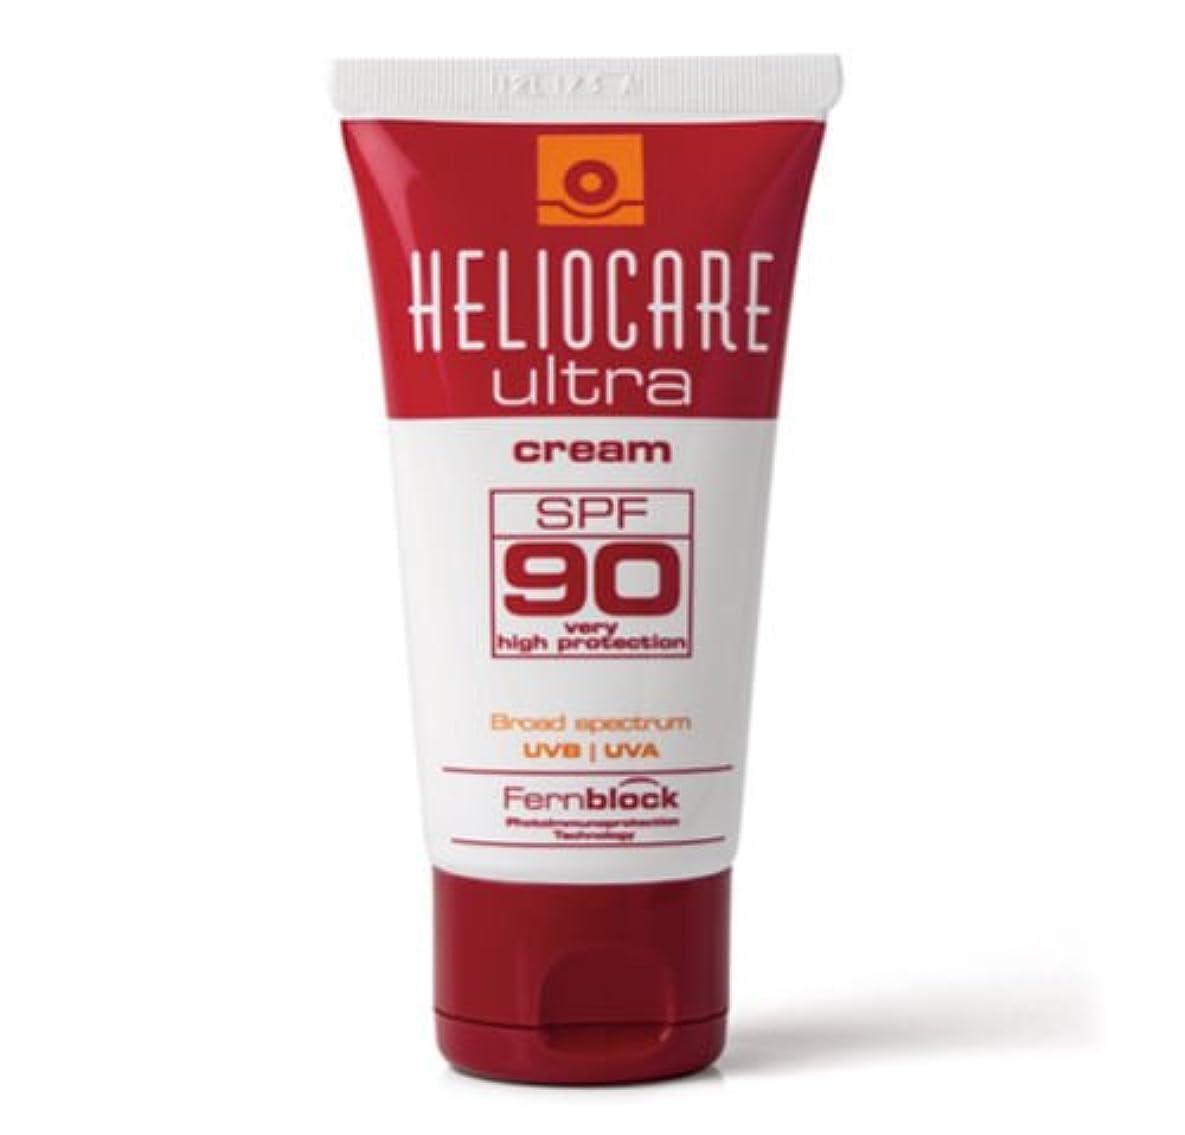 入浴フェードランプヘリオケア ウルトラ 日焼け止めクリーム SPF 90 Heliocare Ultra 90 Crema [並行輸入品]